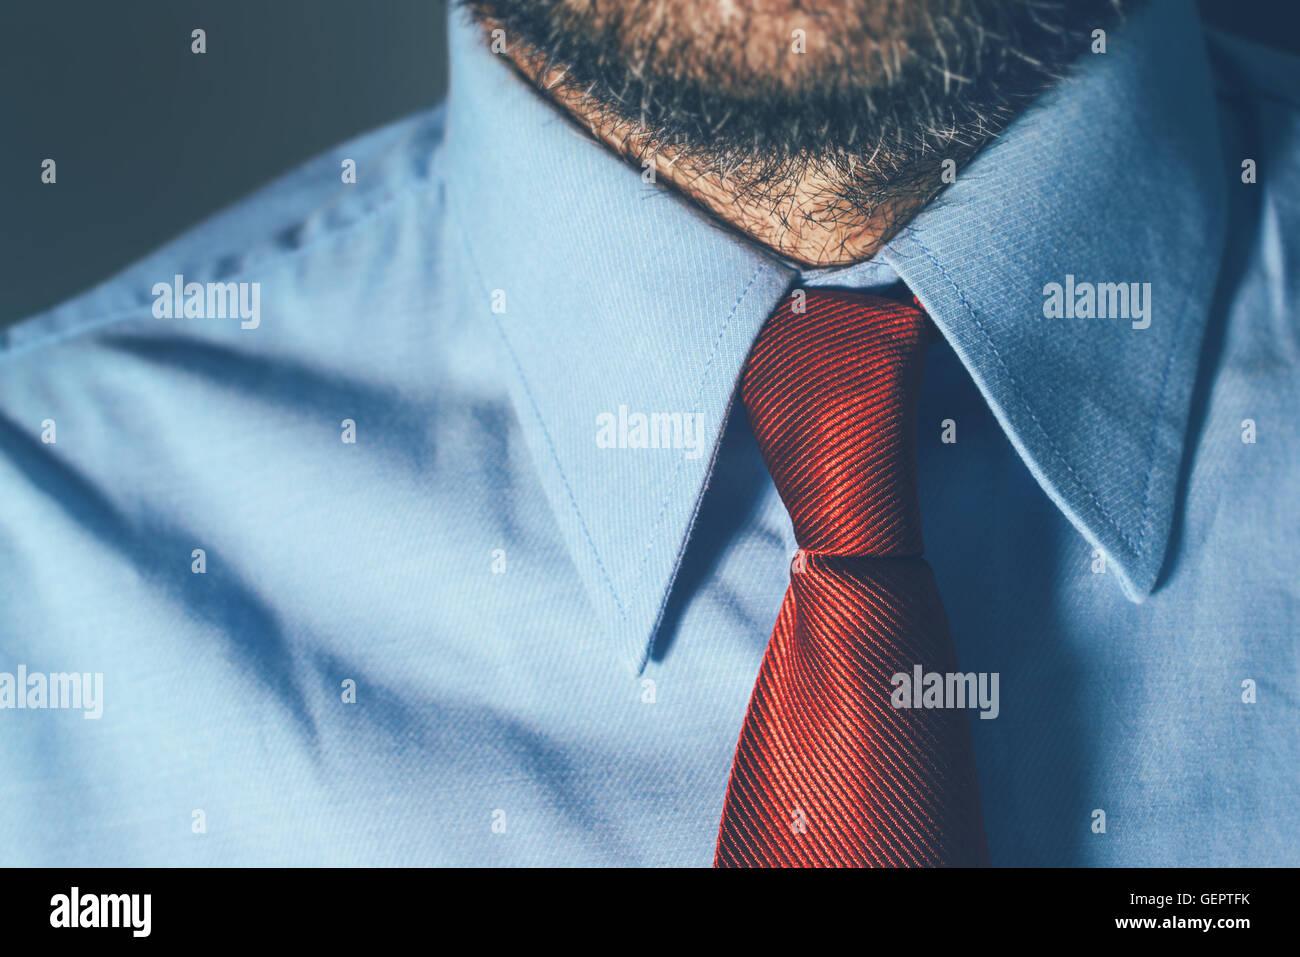 Imprenditore in maglietta blu e rosso cravatta in ufficio con forti ombre, adatto per una intensa attività Immagini Stock